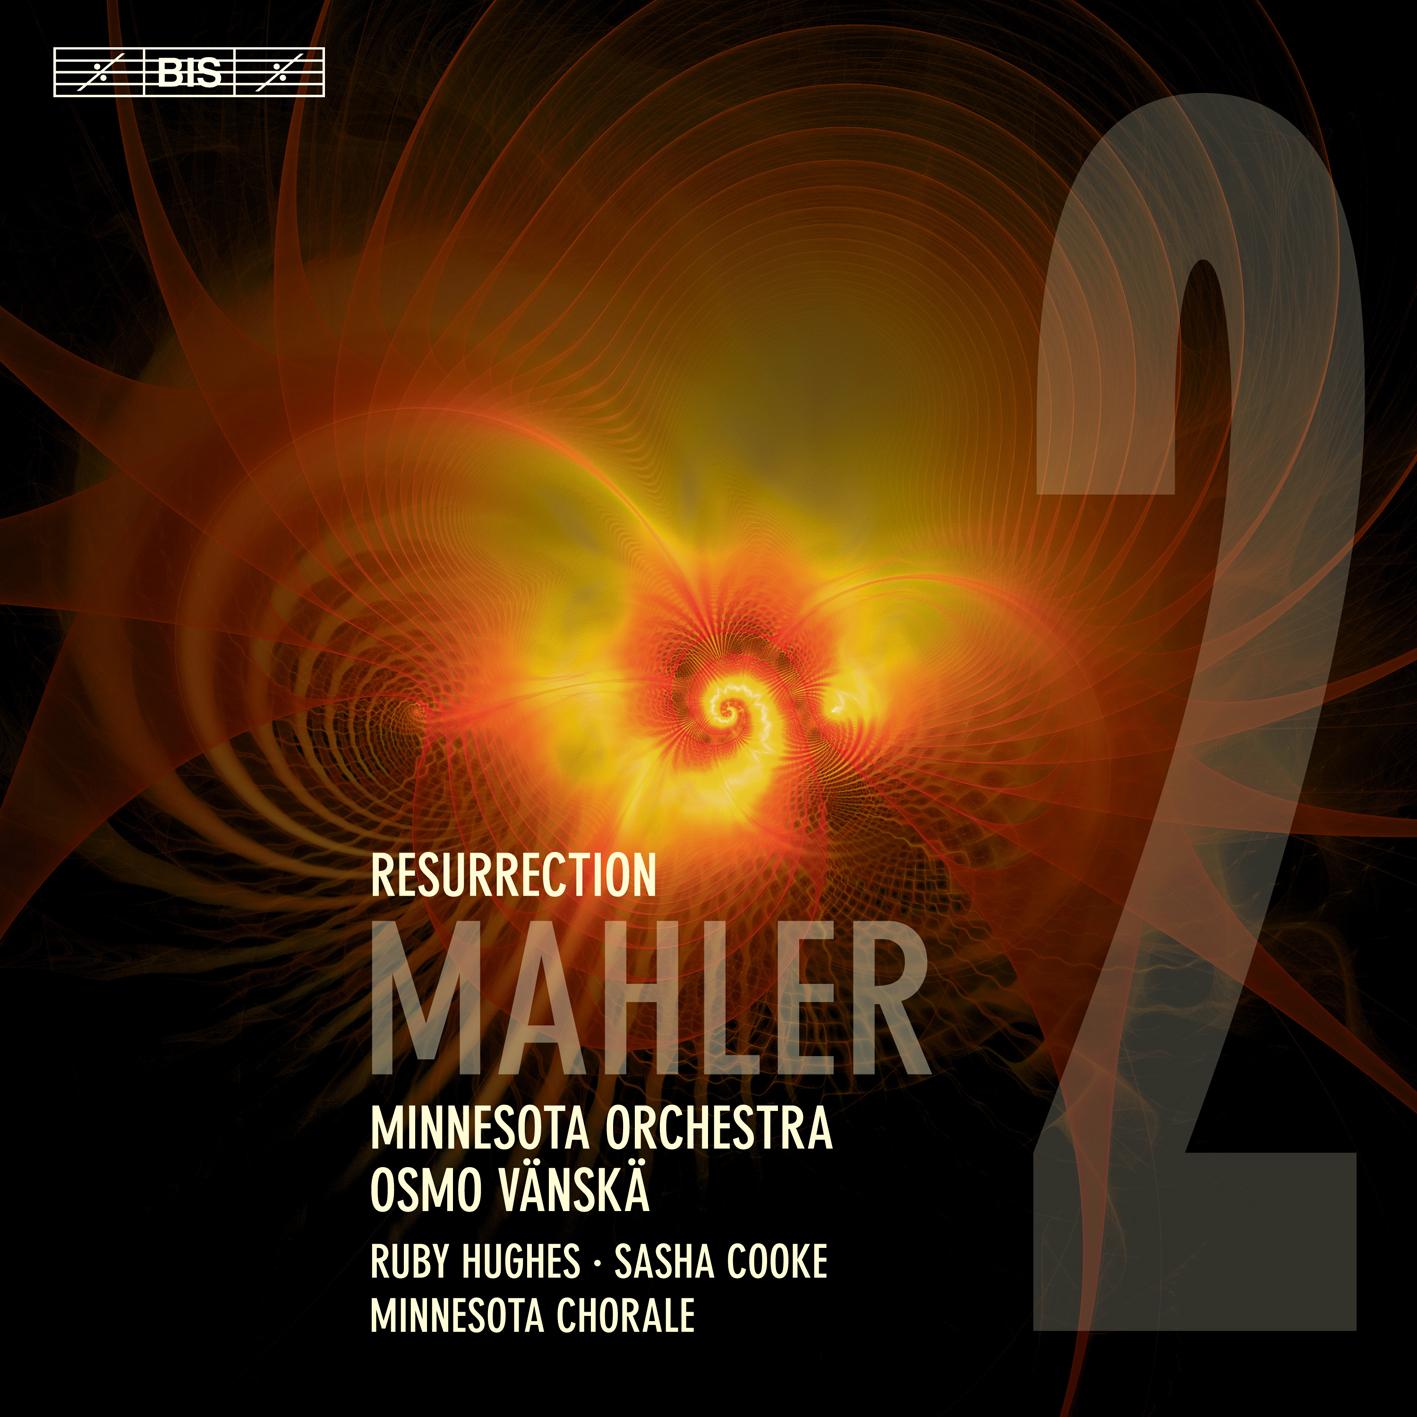 Minnesota Orchestra & Osmo Vänskä - Mahler: Symphony No. 2 'Resurrection' (2019) [Official Digital Download 24/96]